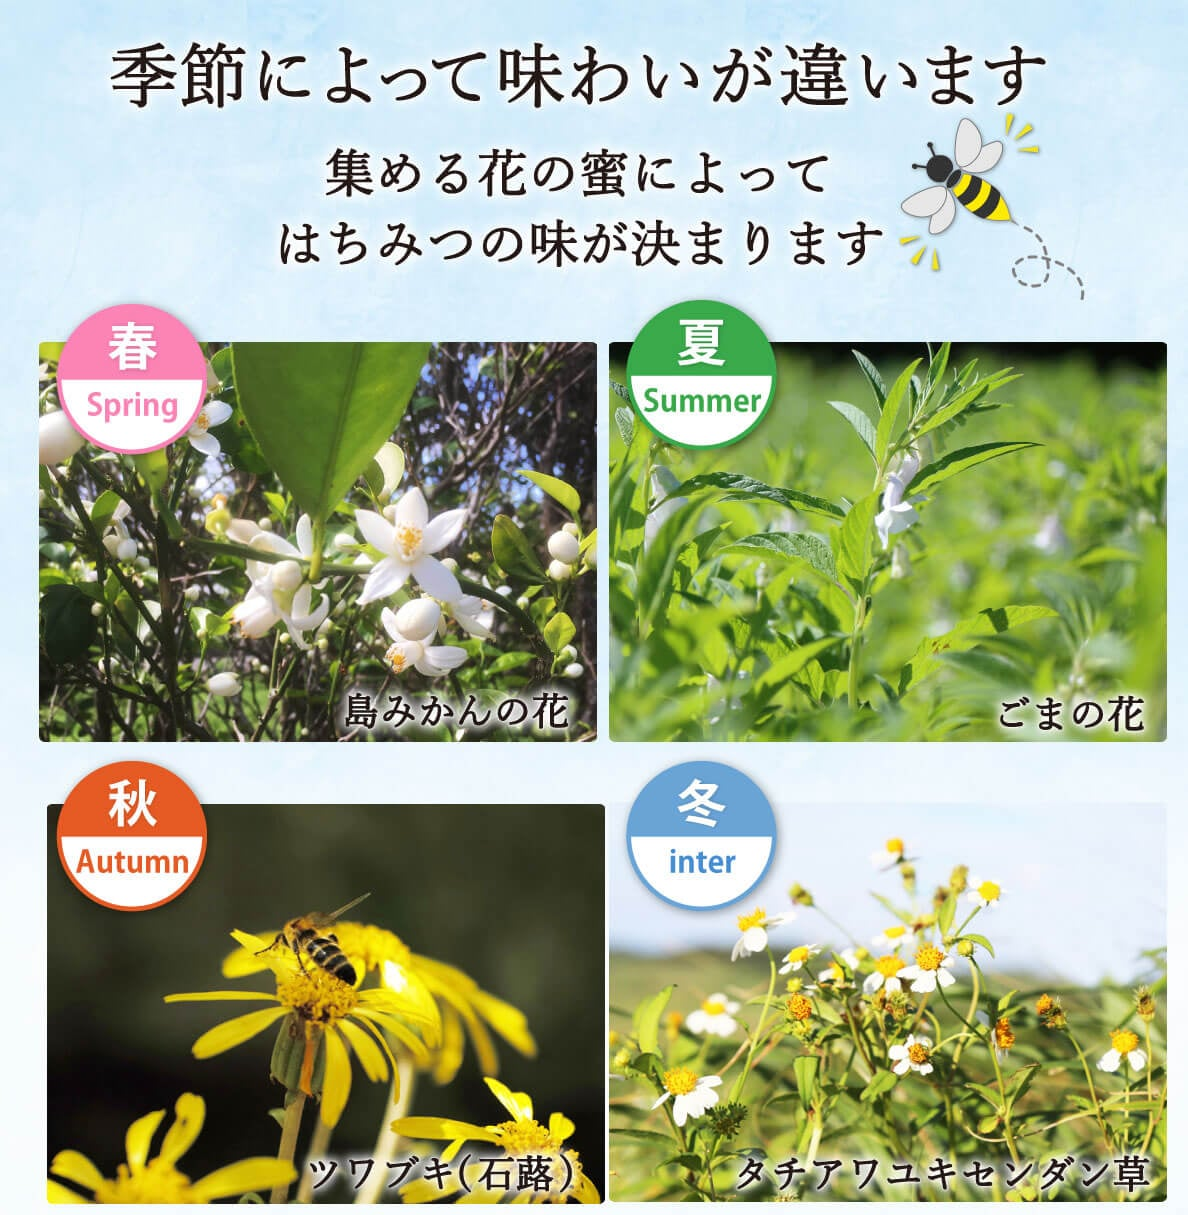 一年中花が咲いている喜界島で四季で違った味わいのはちみつが採れます